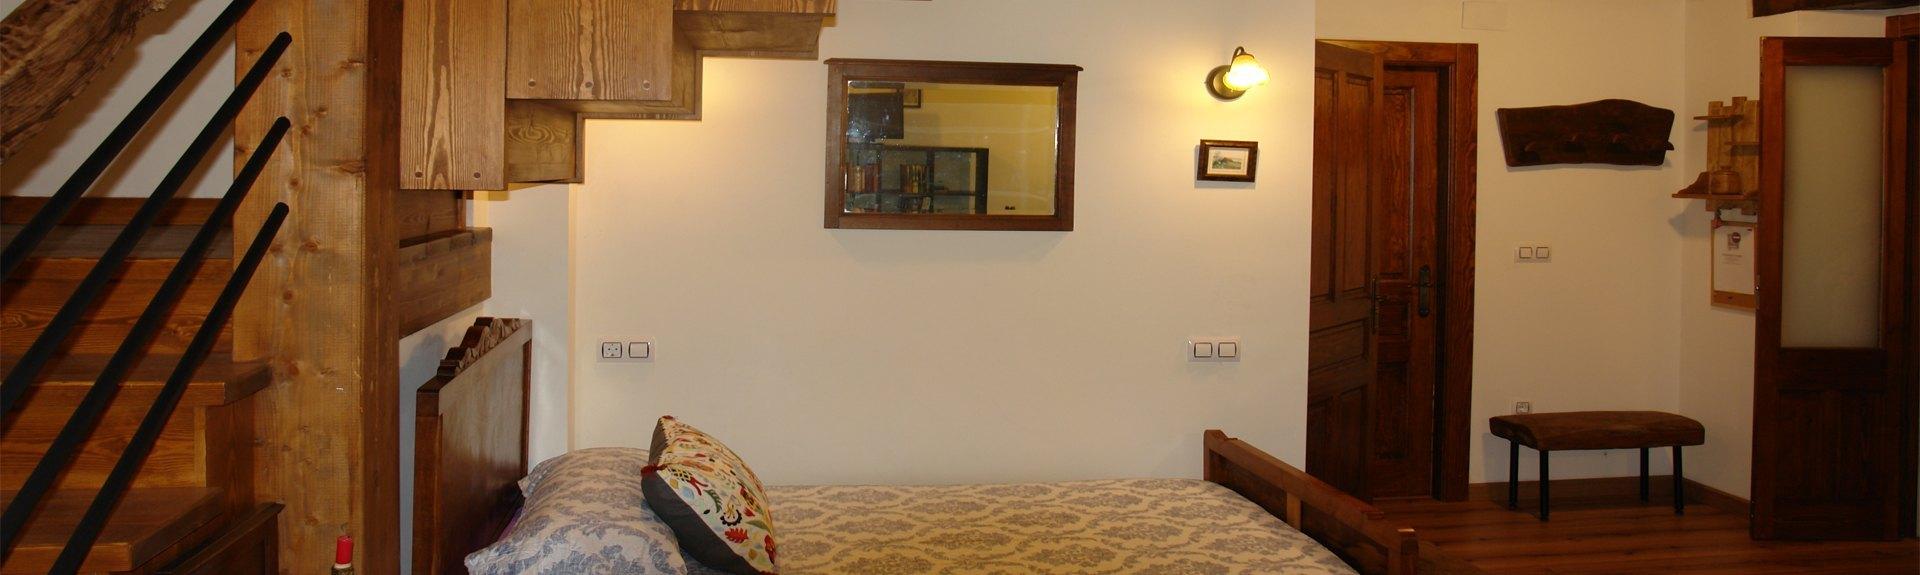 imagen apartamento en miyares